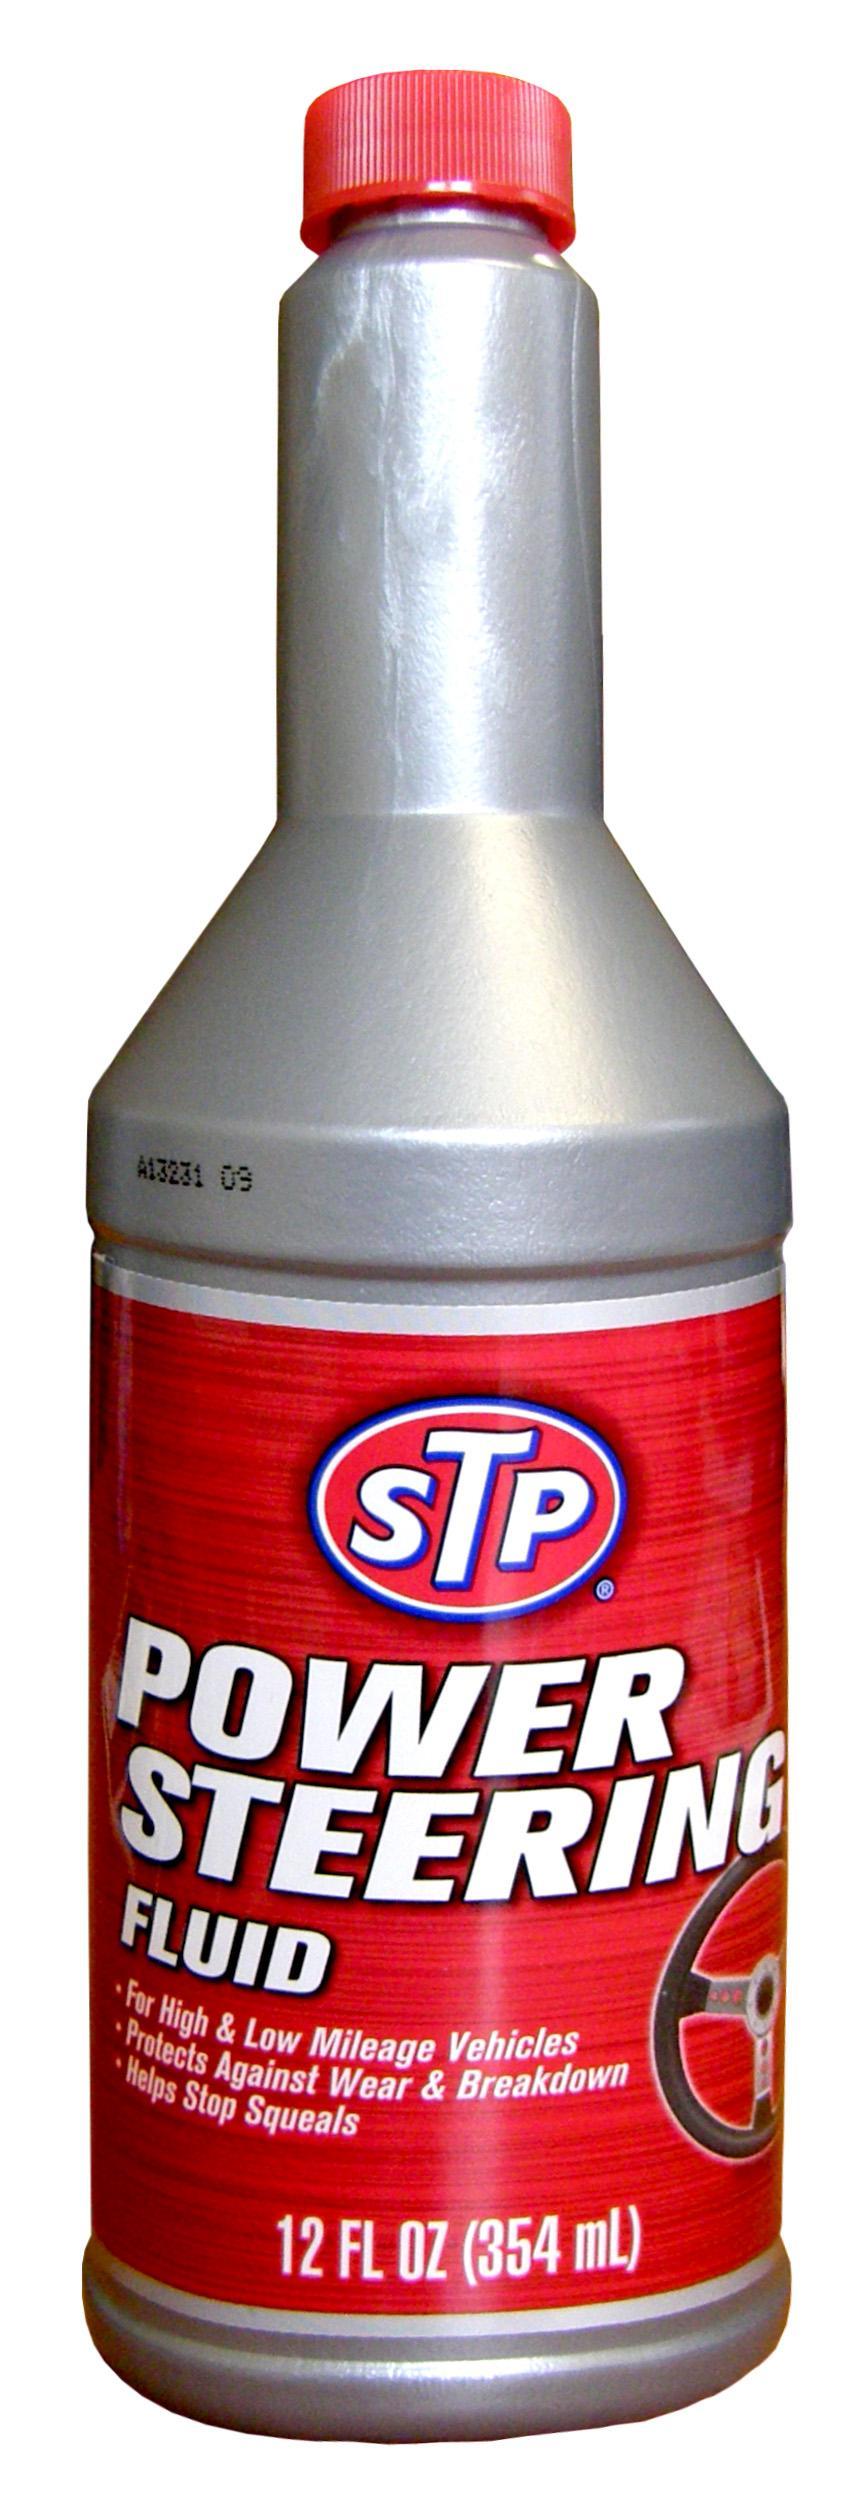 30-016 STP Inhalt: 354ml Hydrauliköl 30-016 günstig kaufen